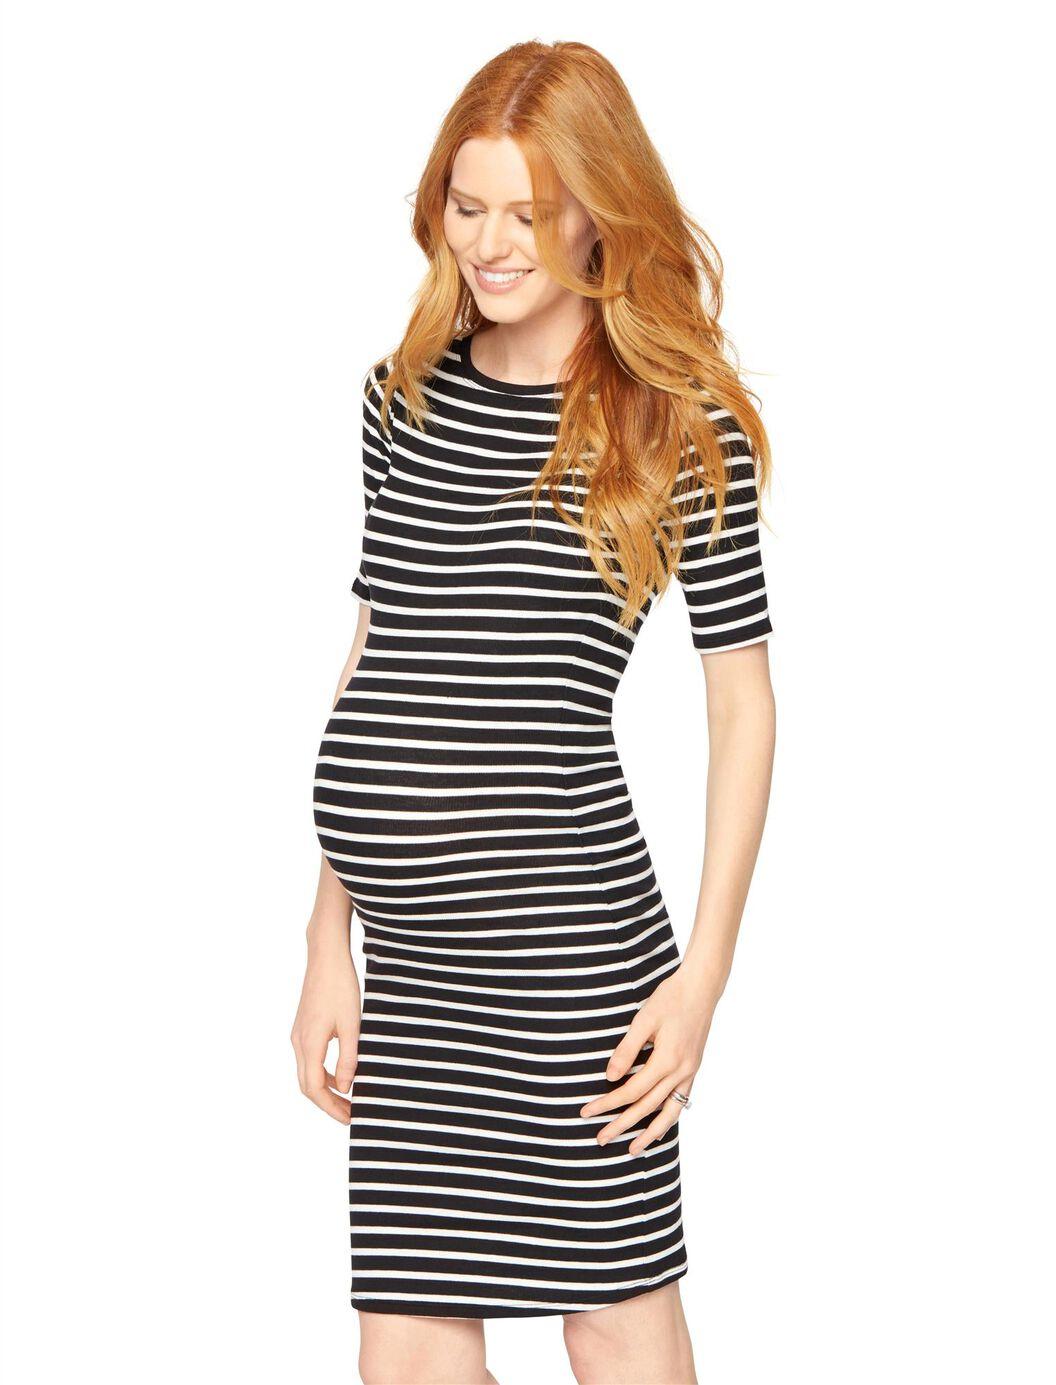 Bcbgmaxazria briza maternity dress a pea in the pod maternity bcbgmaxazria briza maternity dress blackwhite stripe ombrellifo Gallery